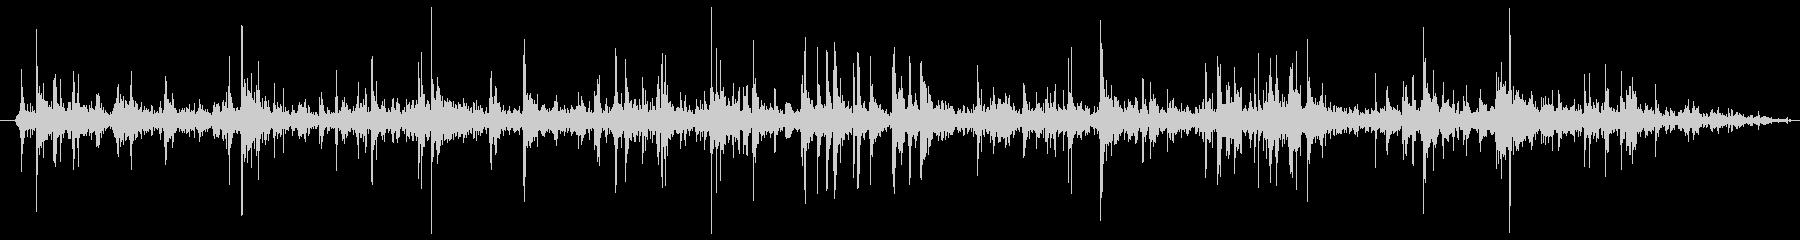 カート 中世のドラッグファースト01の未再生の波形